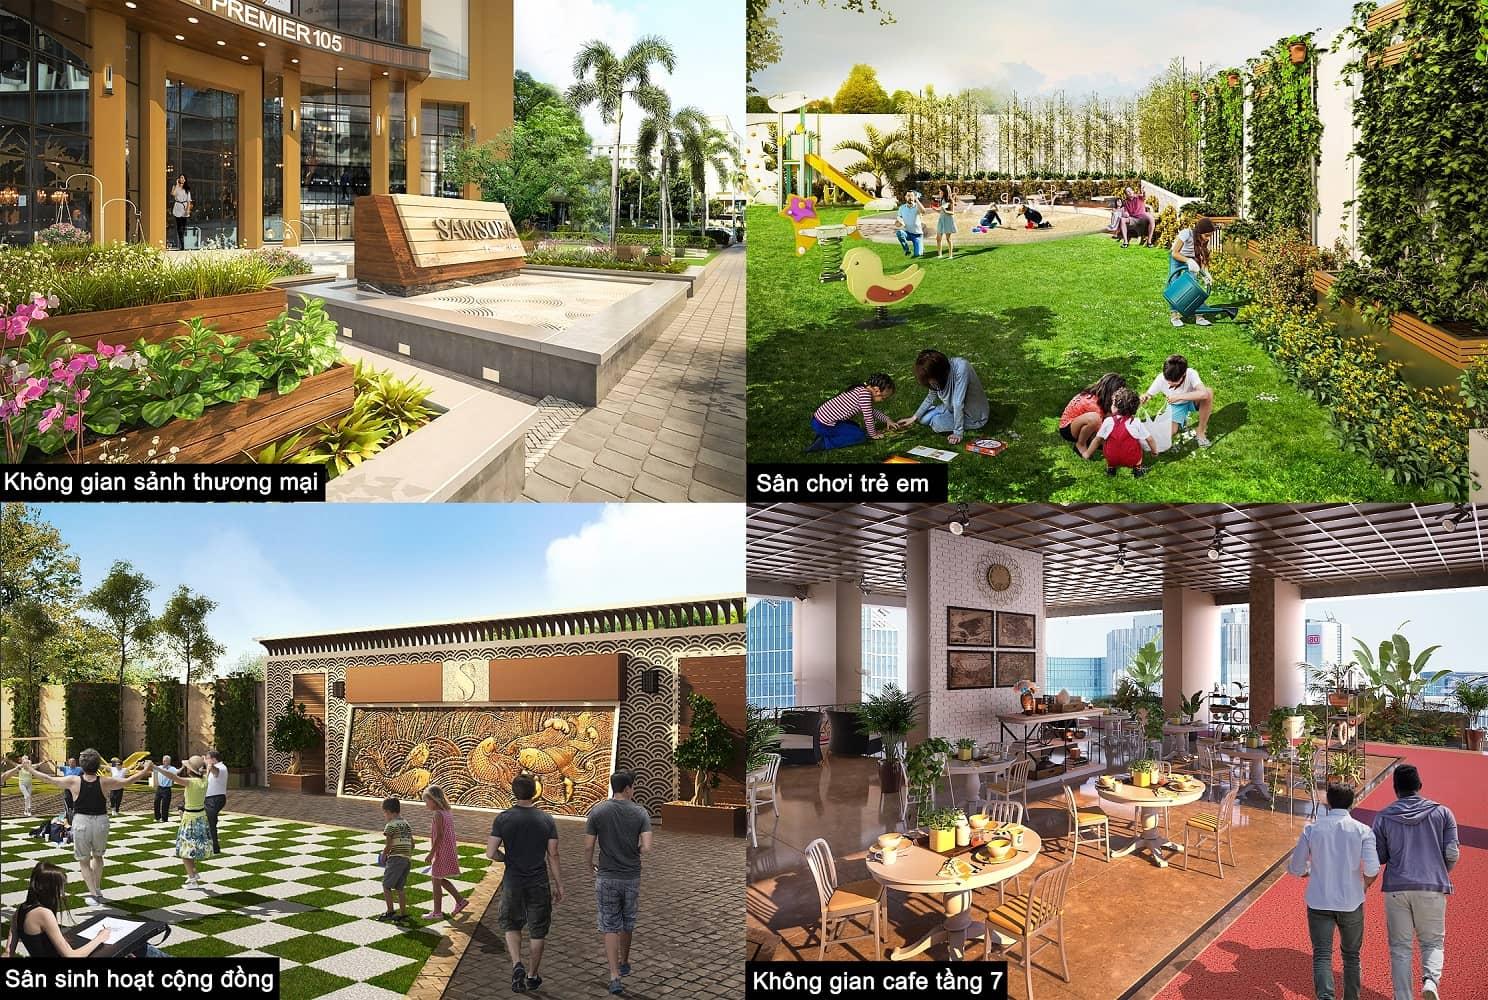 Tiện ích nội khu dự án Samsora Premier 105